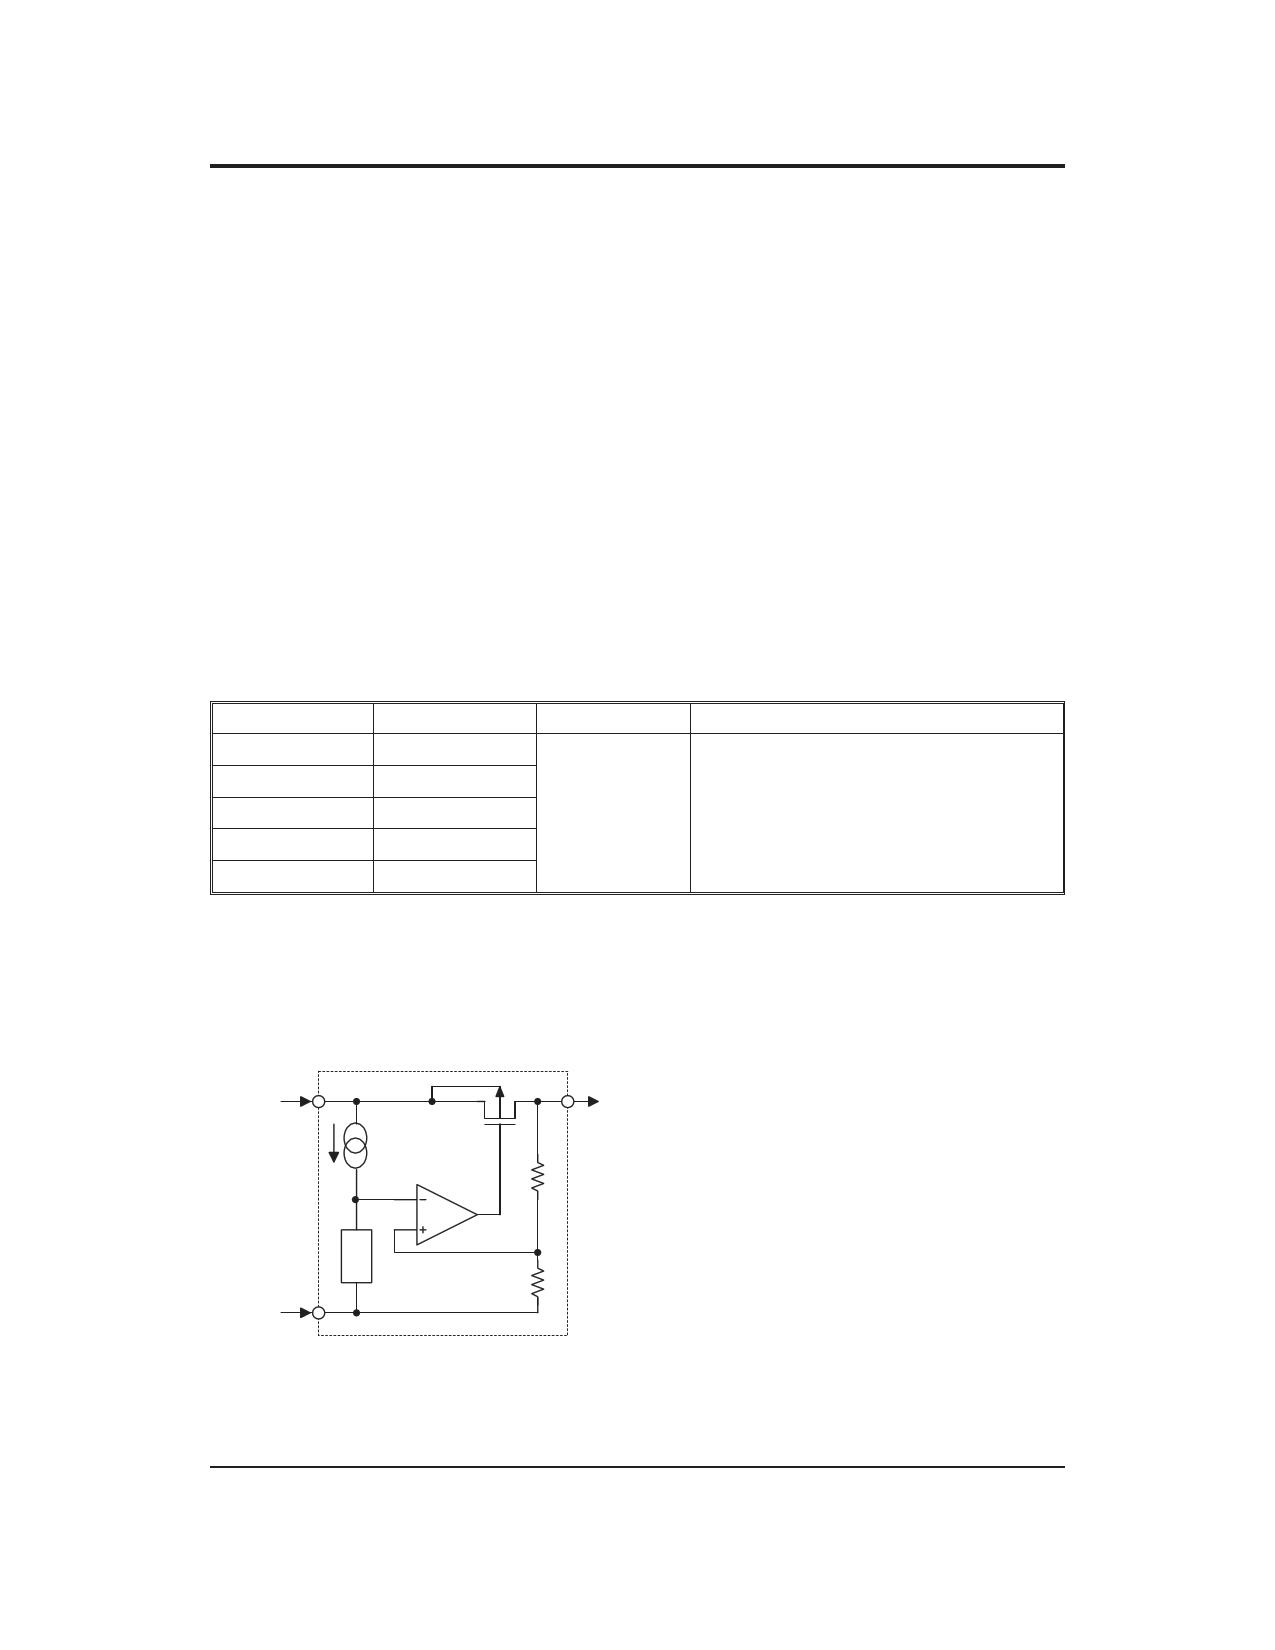 7130-1 datasheet